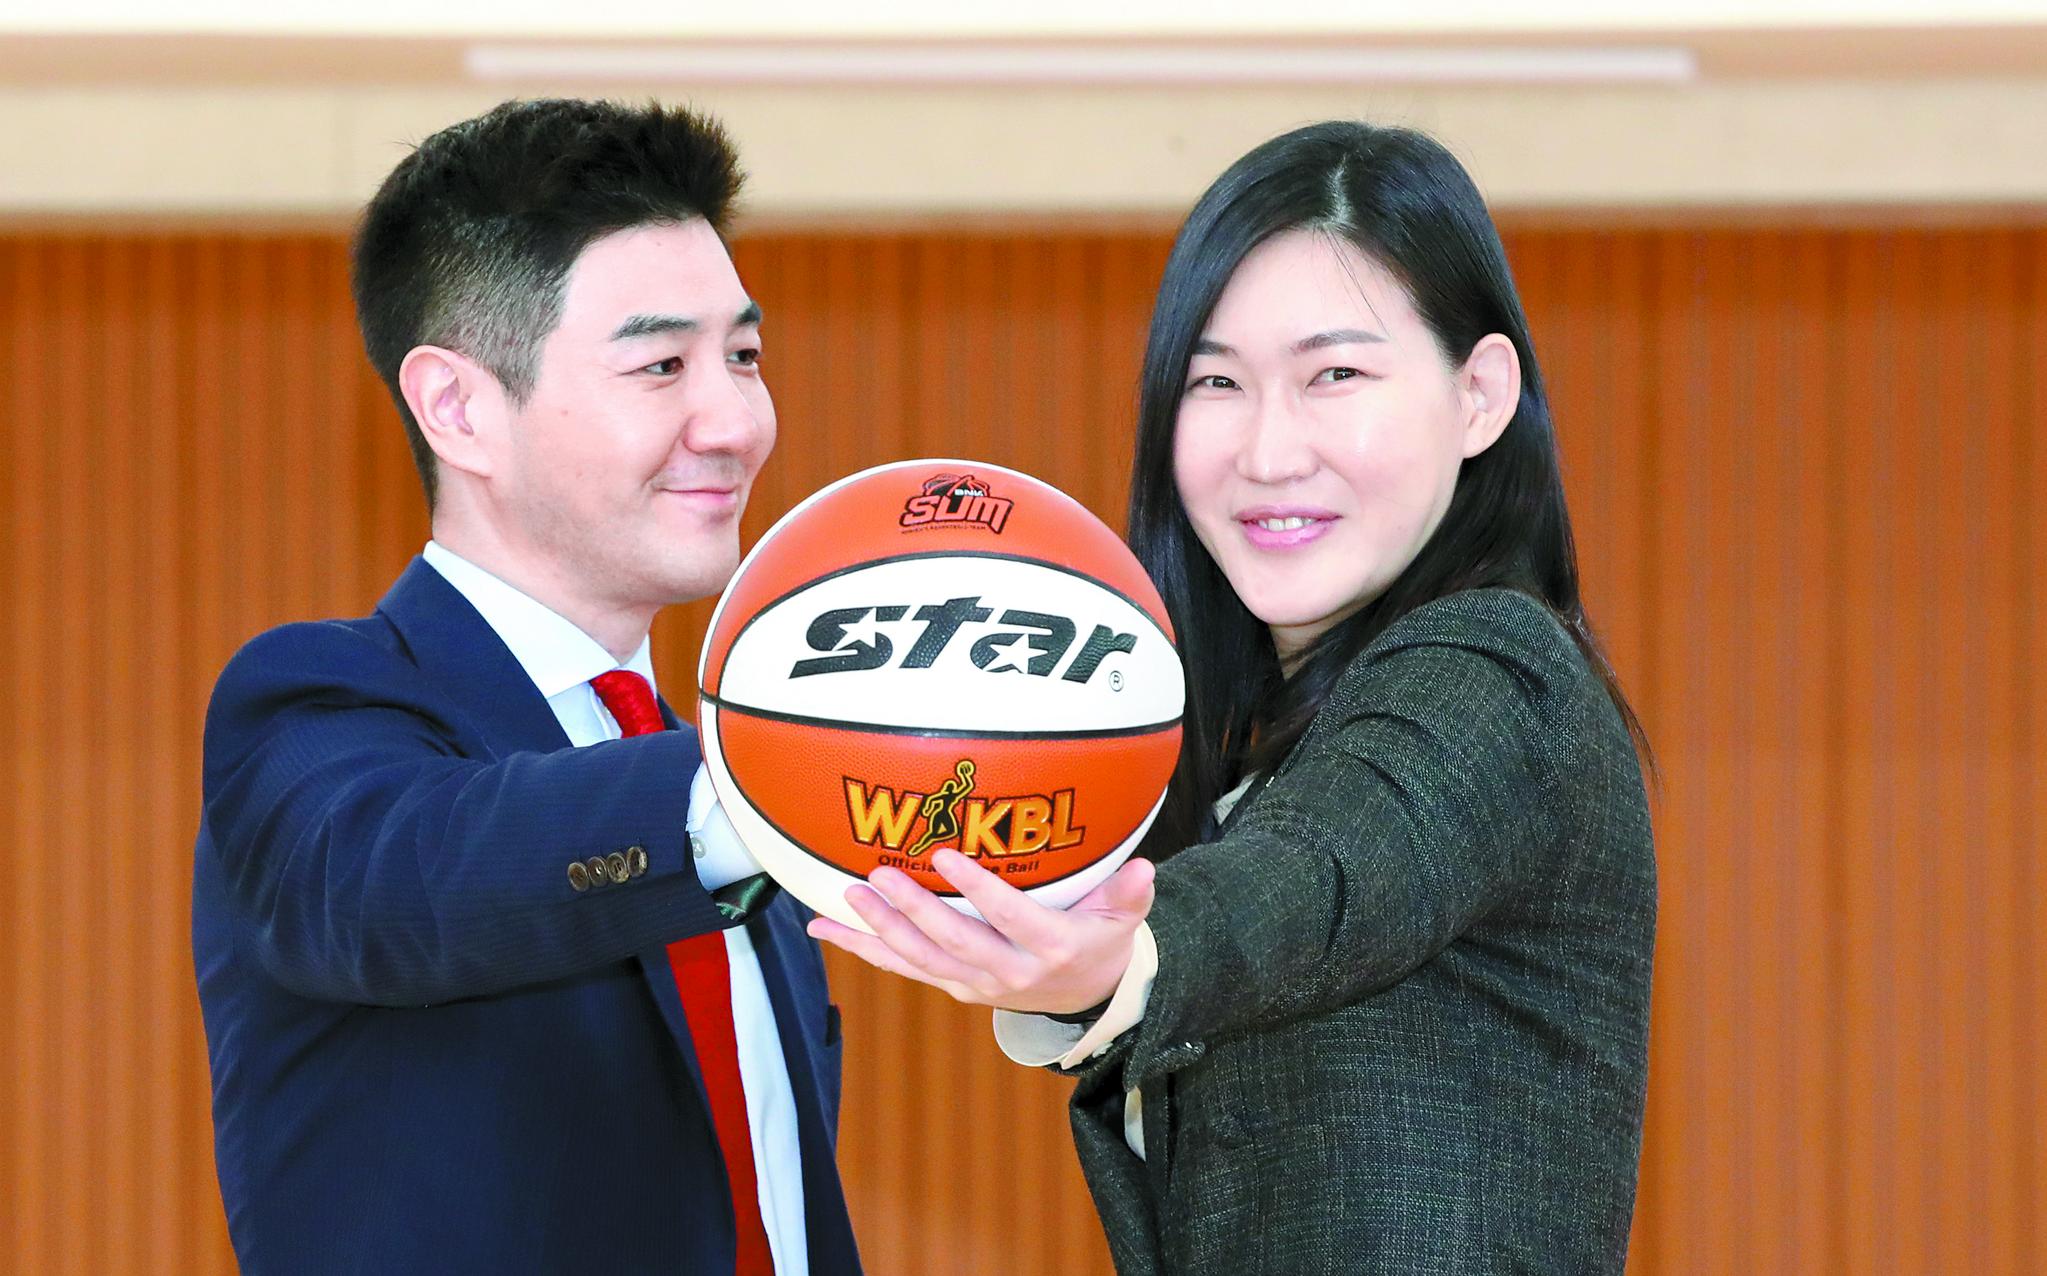 부산 출신인 박정은(오른쪽) BNK 신임 감독은 남편인 배우 한상진과 함께 고향으로 이사했다. 한상진은 '외조의 왕'으로 유명하다. 송봉근 기자